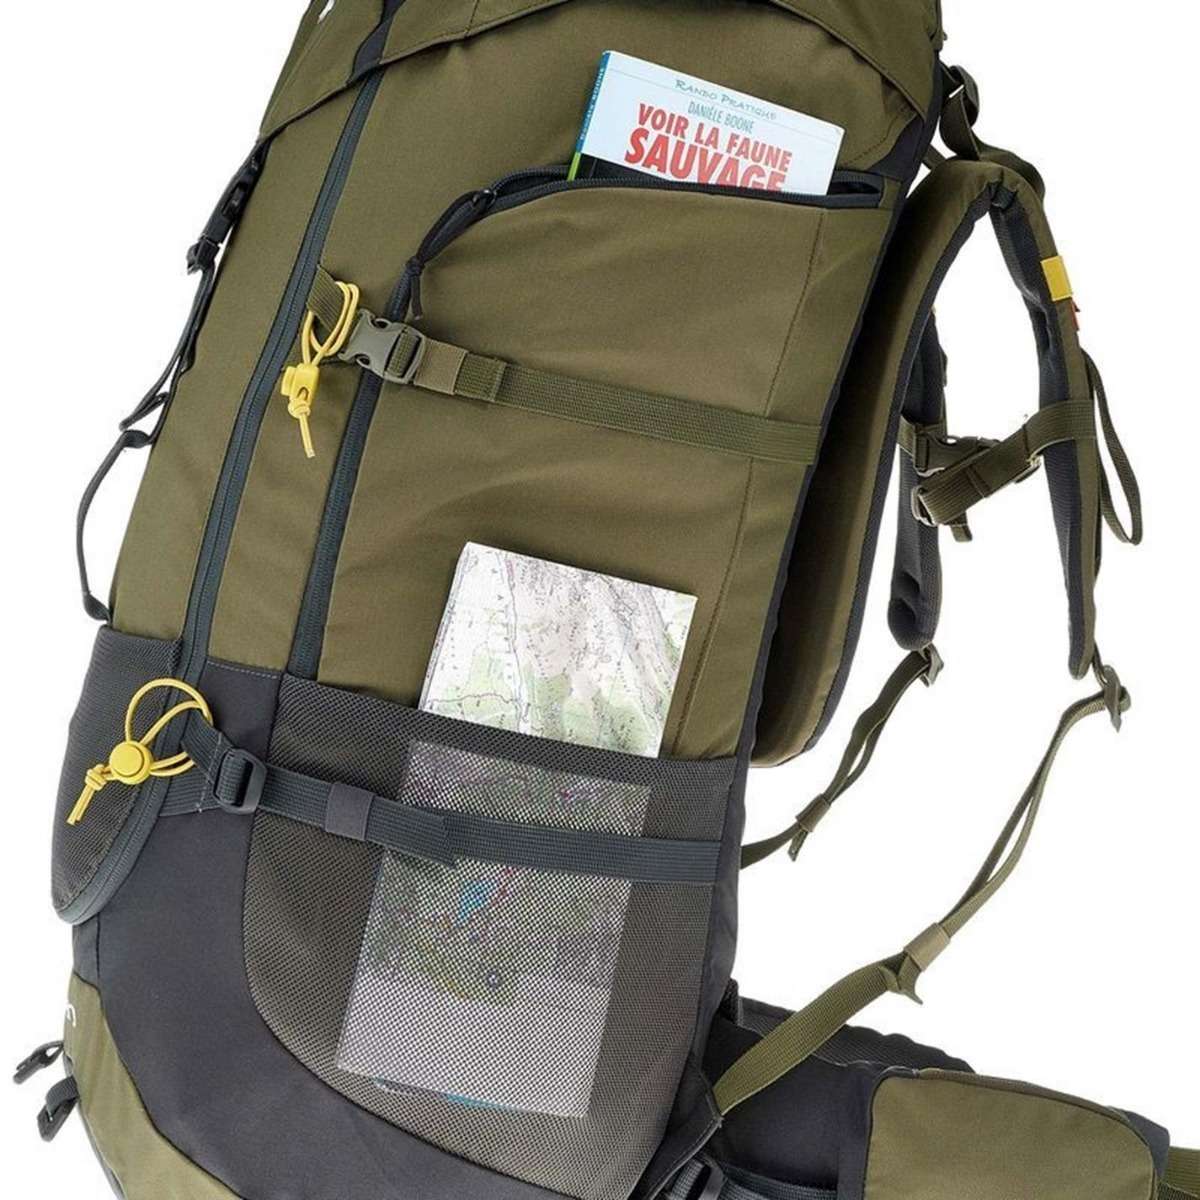 427e6602f mochila trekking quechua forclaz 70 litros verde. Cargando zoom.